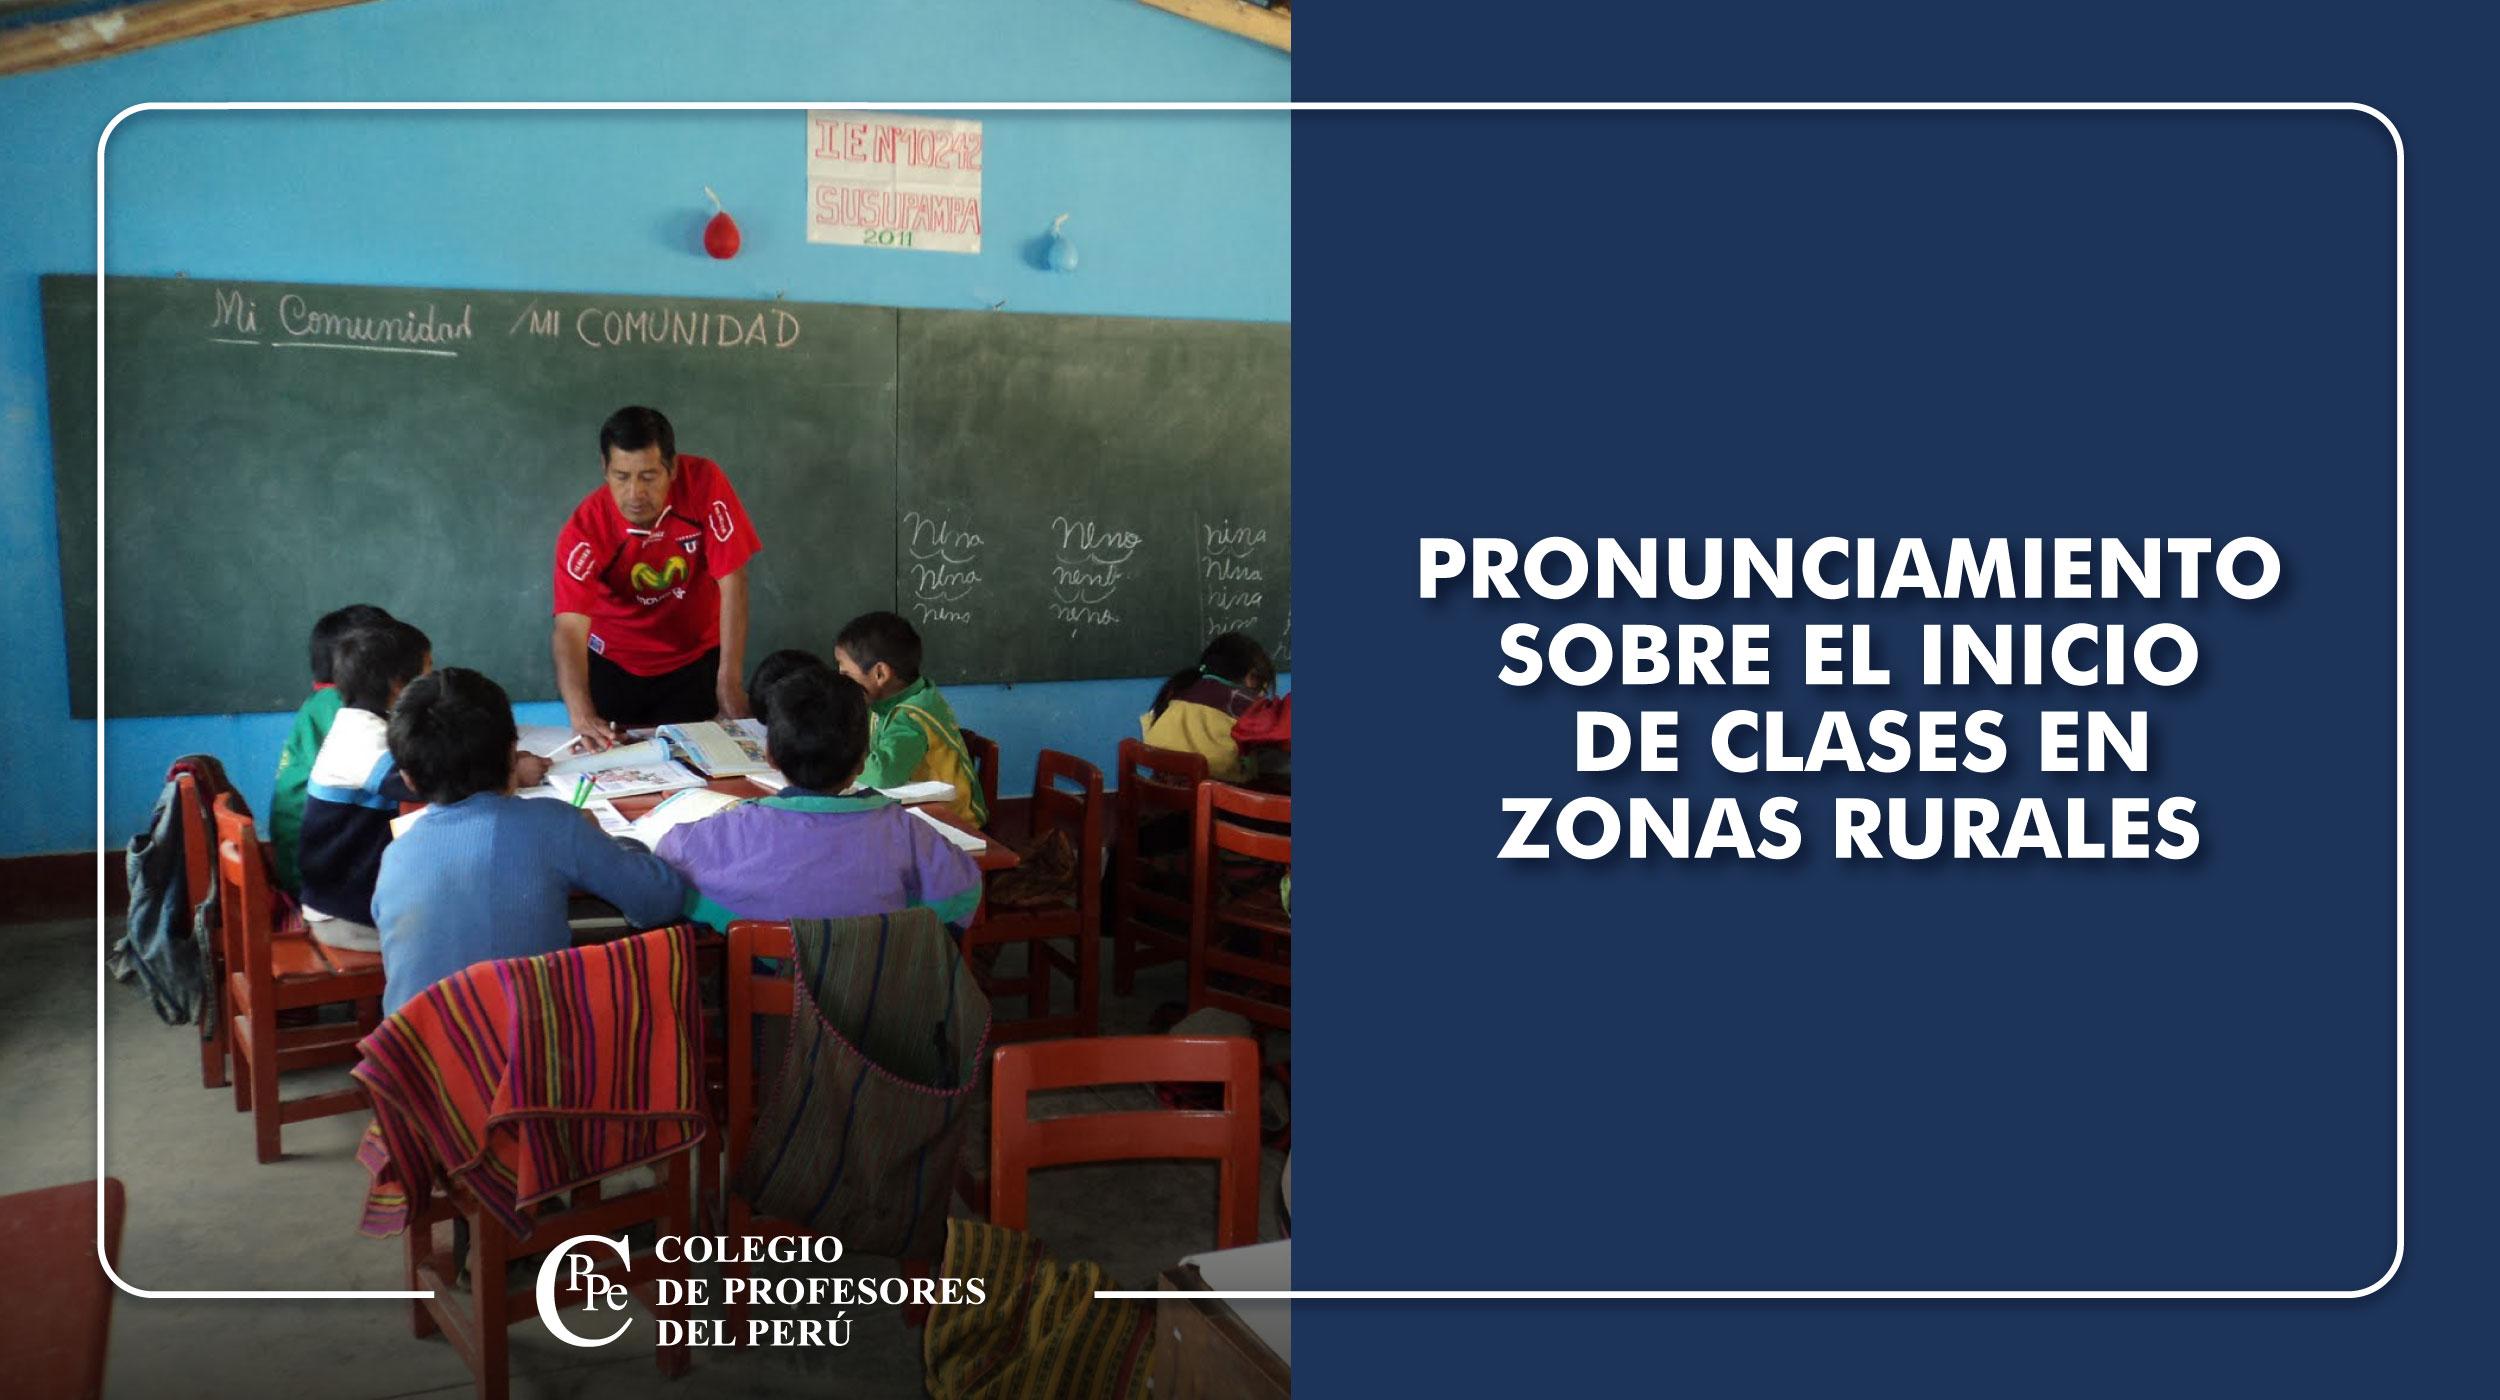 PRONUNCIAMIENTO SOBRE EL INICIO DE CLASES EN  ZONAS RURALES